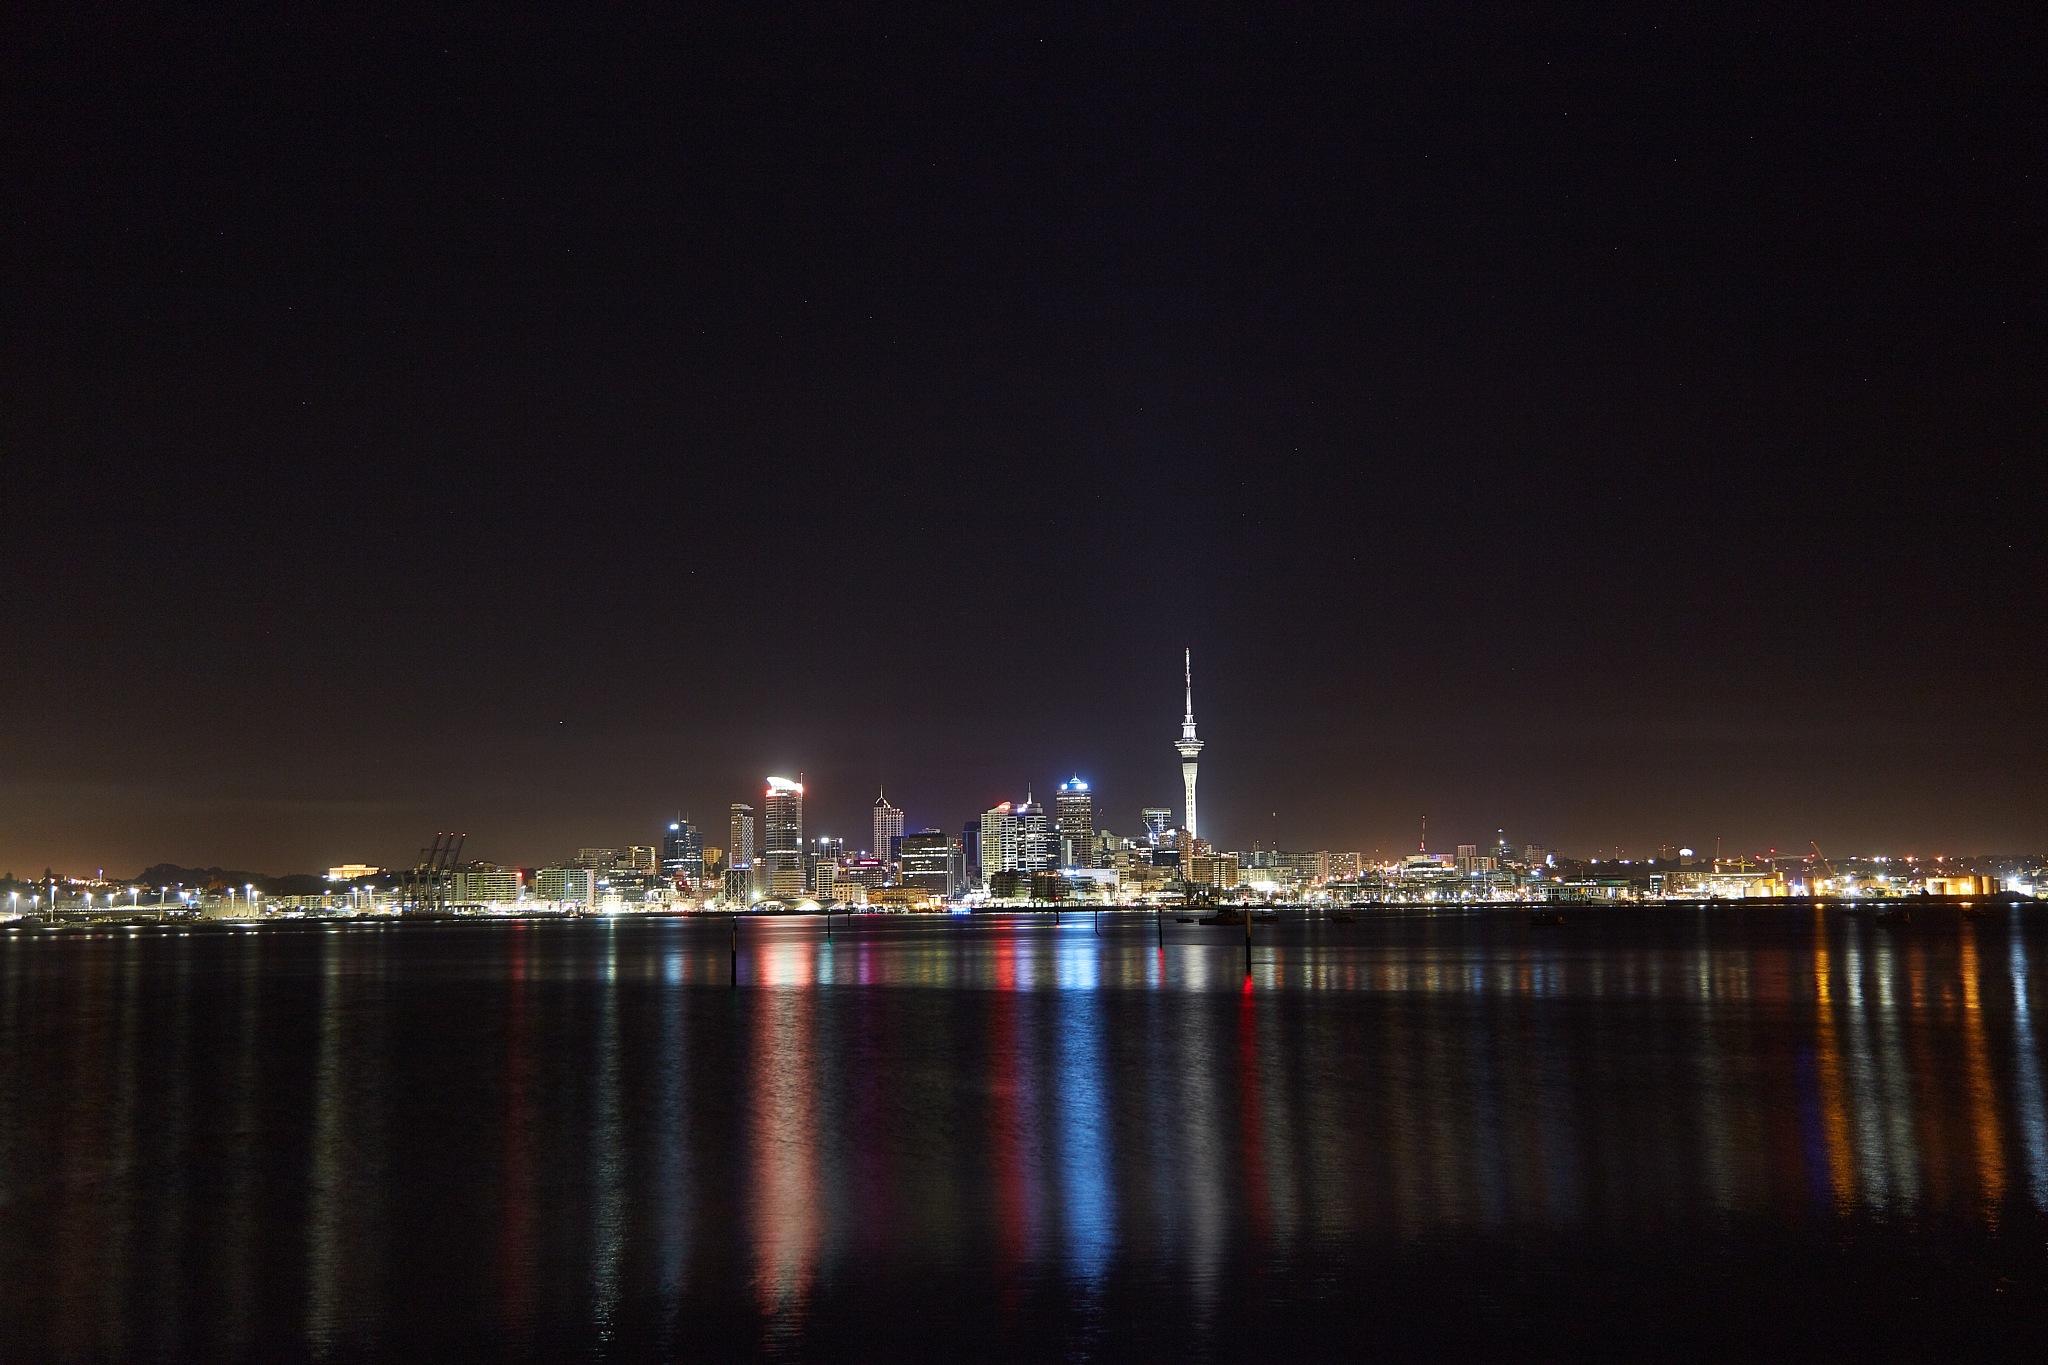 Auckland at night by Adriel Kloppenburg